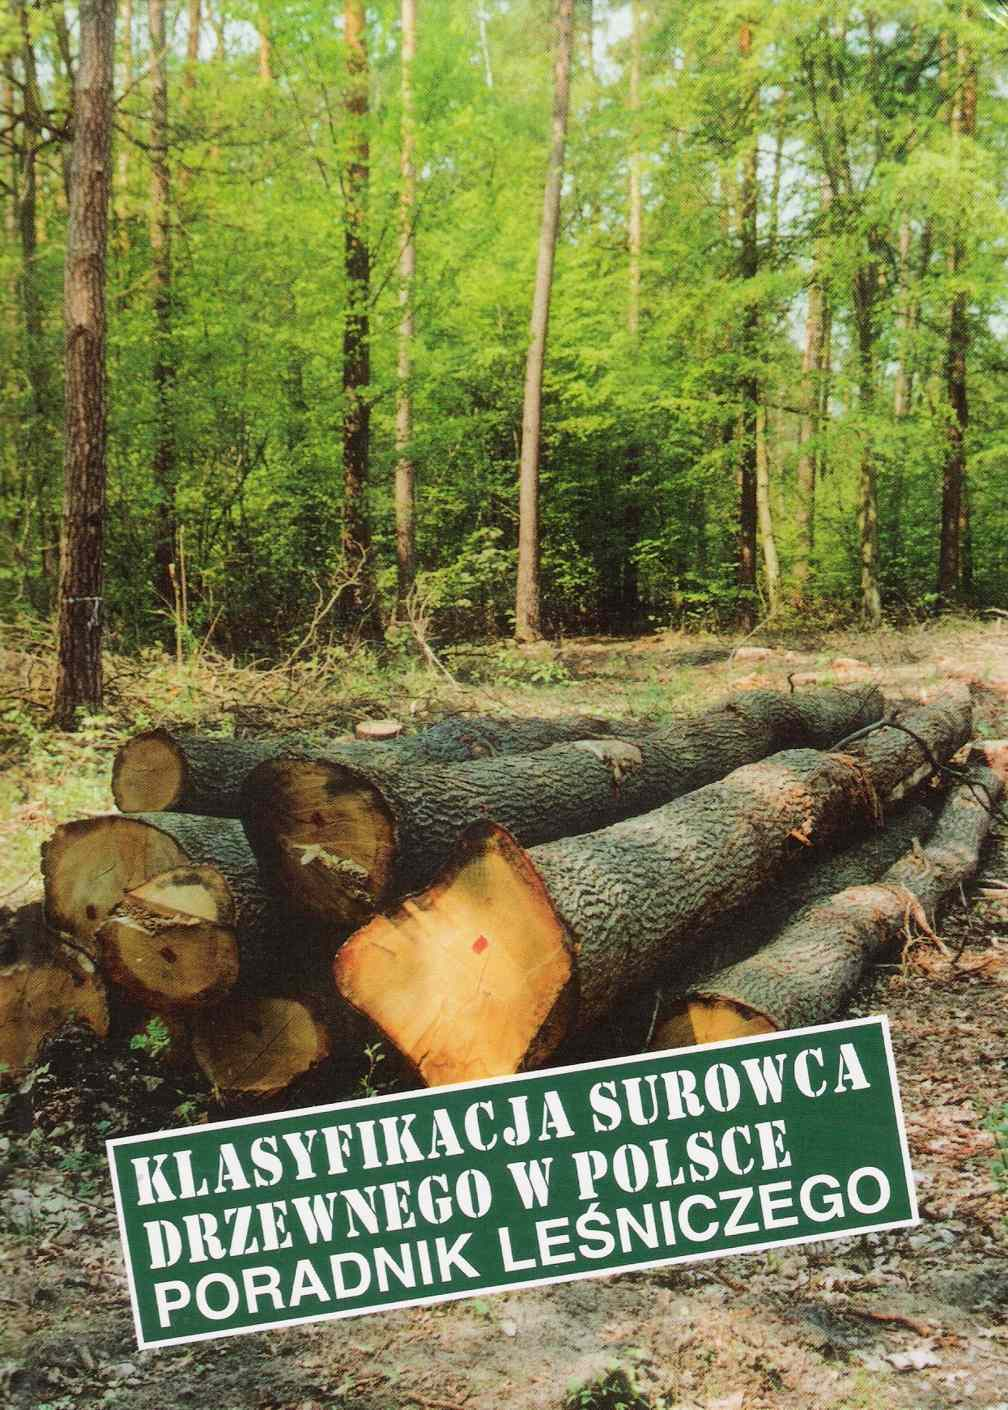 Klasyfikacja drewna